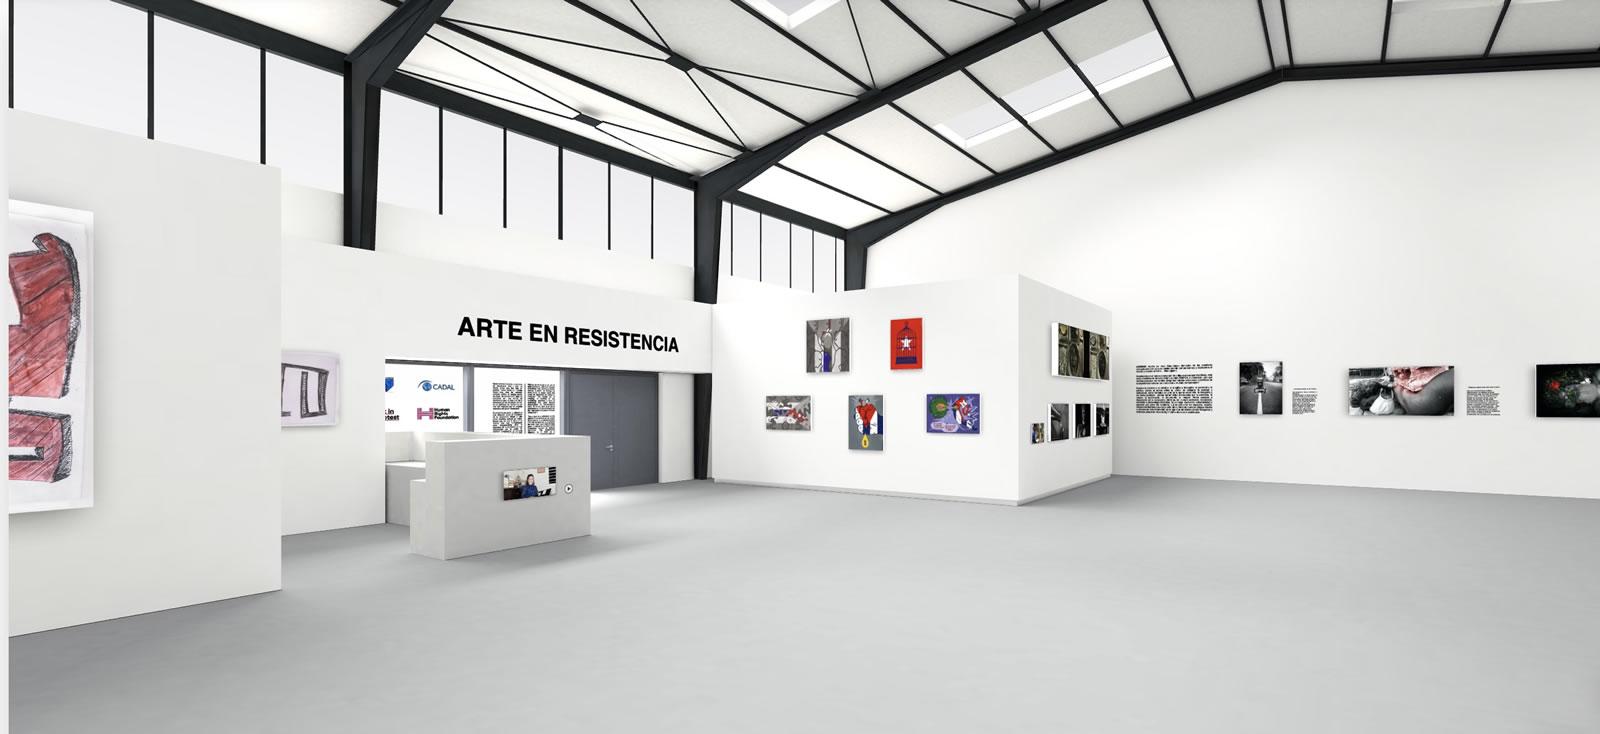 «Arte en resistencia»: exposición digital del Movimiento San Isidro